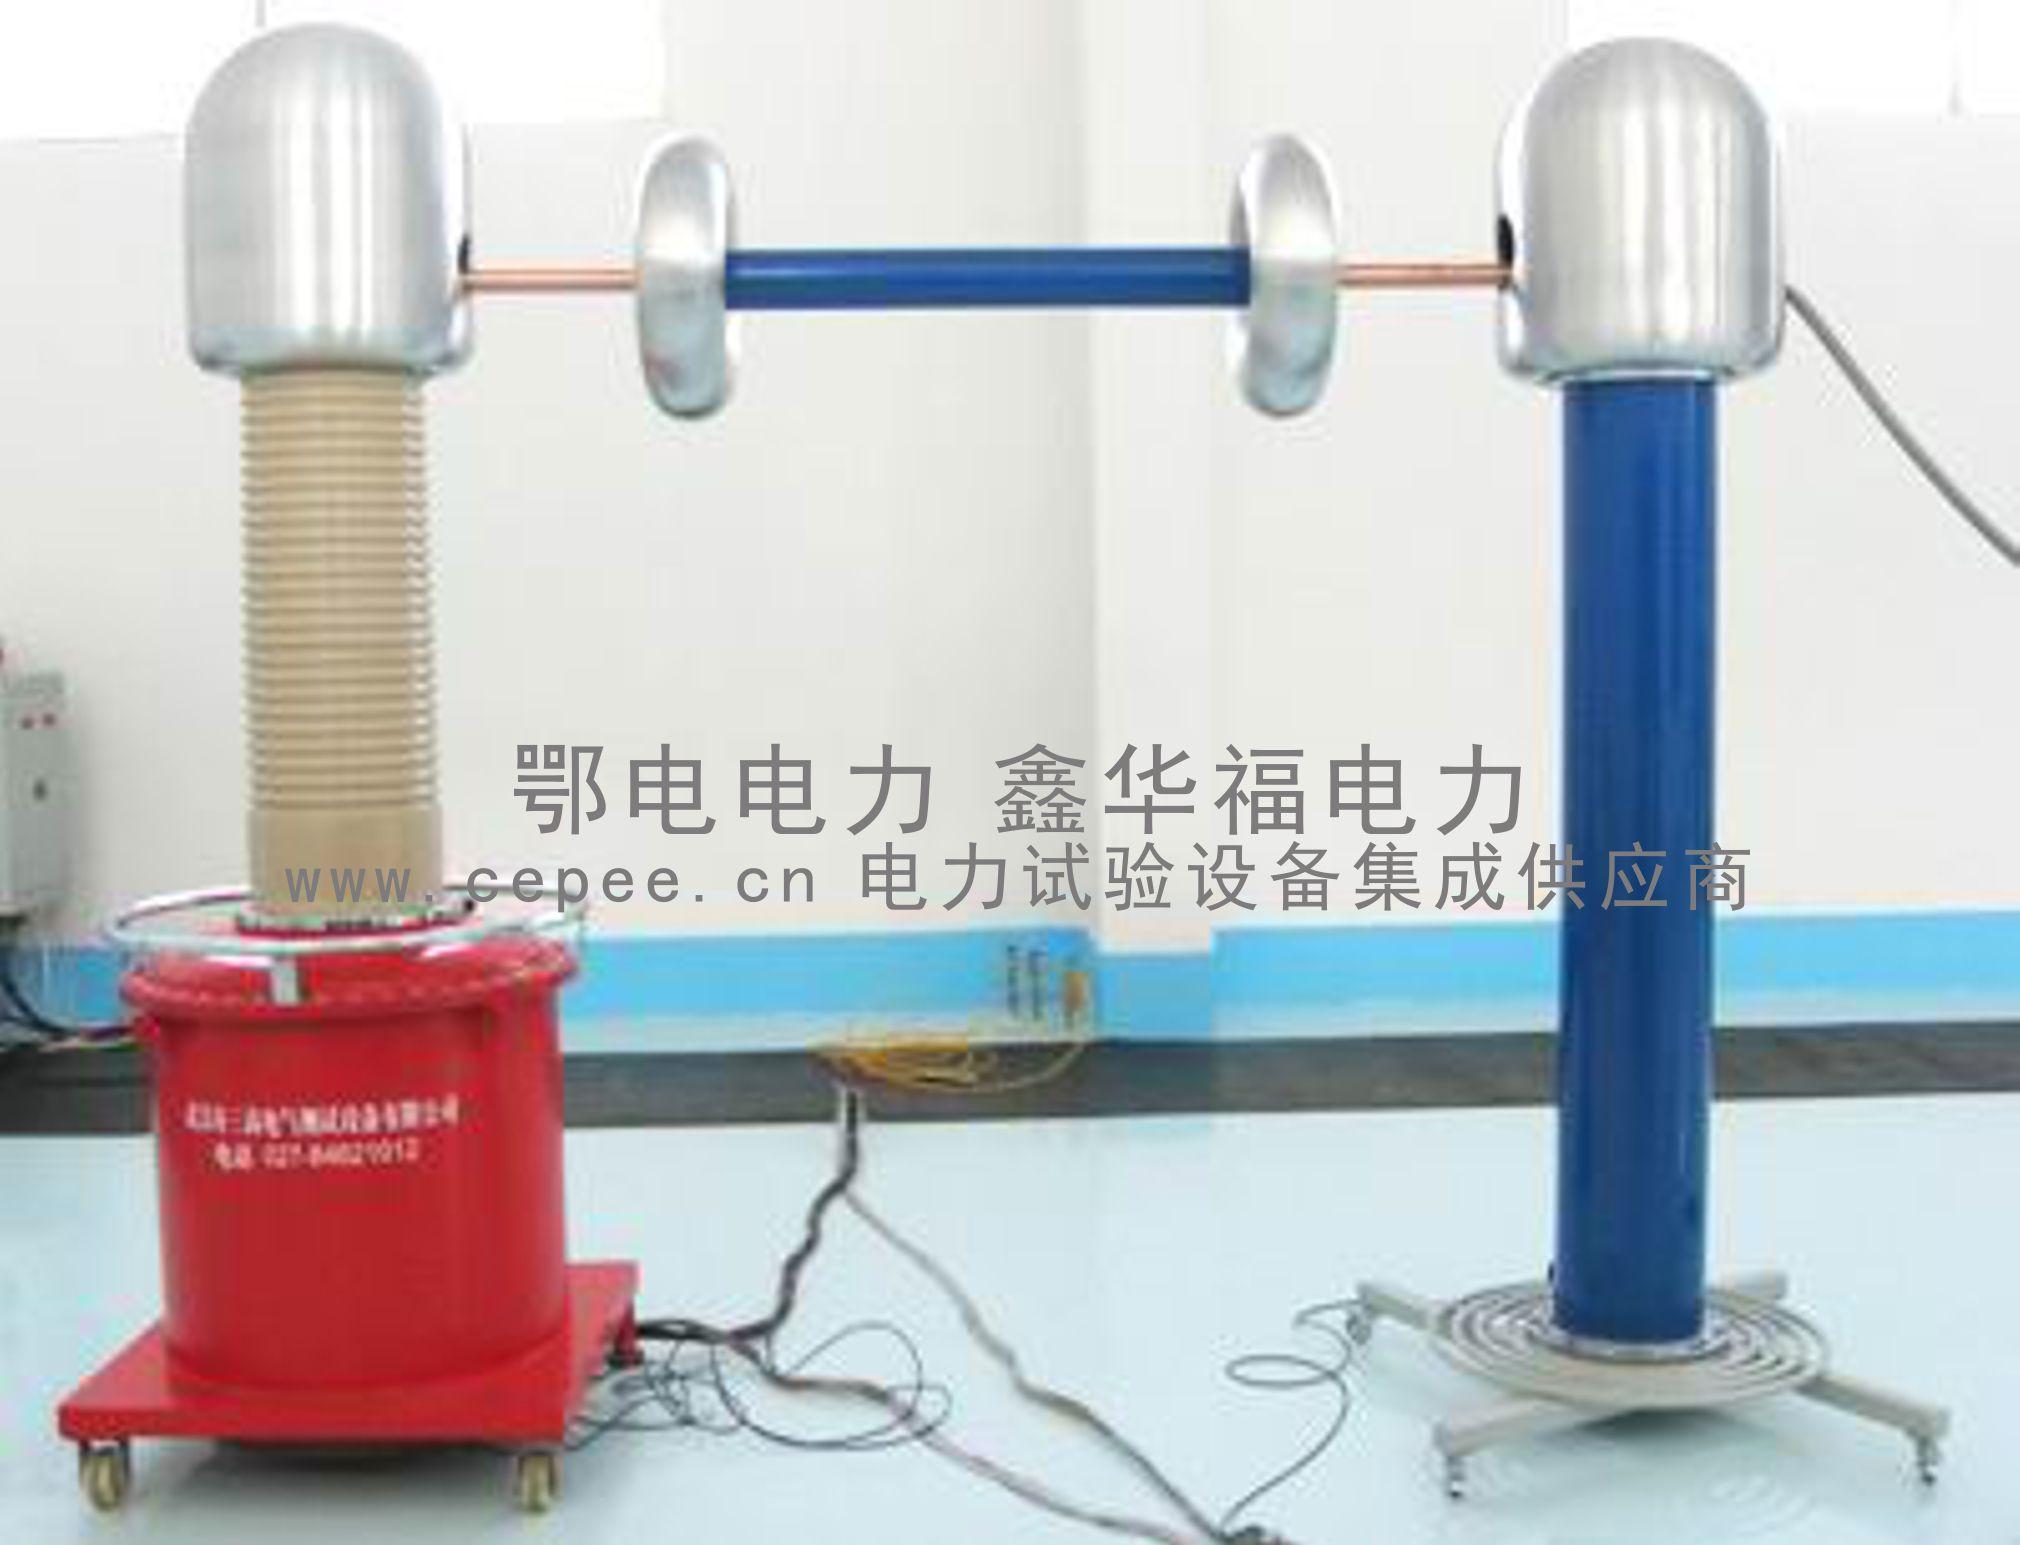 工频耐压试验变压器_无局放其他配电输电设备器控制台-武汉鄂电电力试验设备有限公司